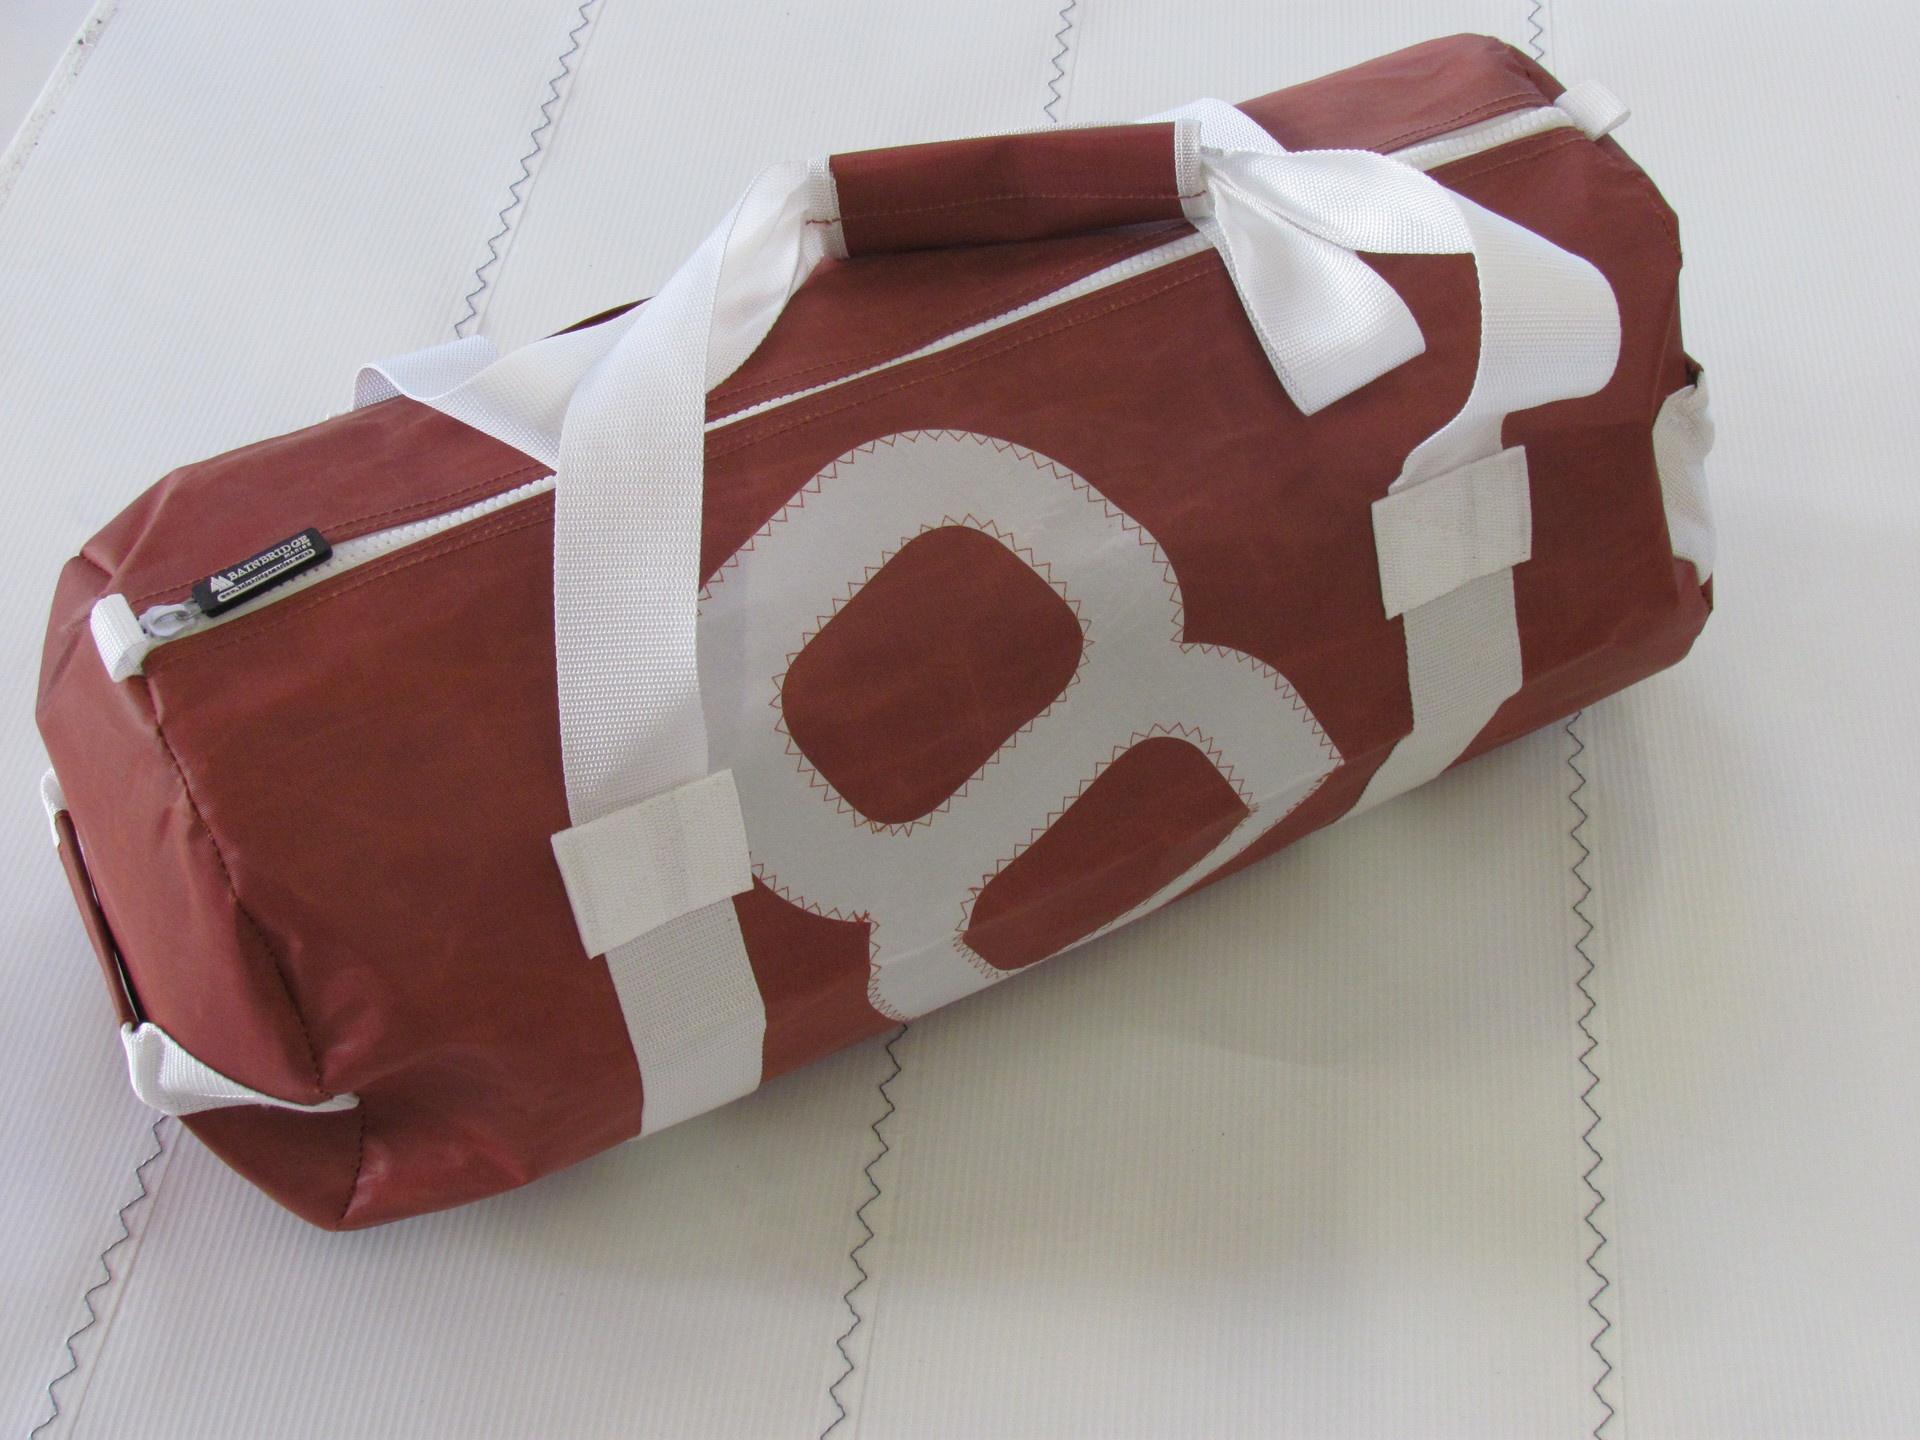 Medium Sailcloth Gear Bag - Tan